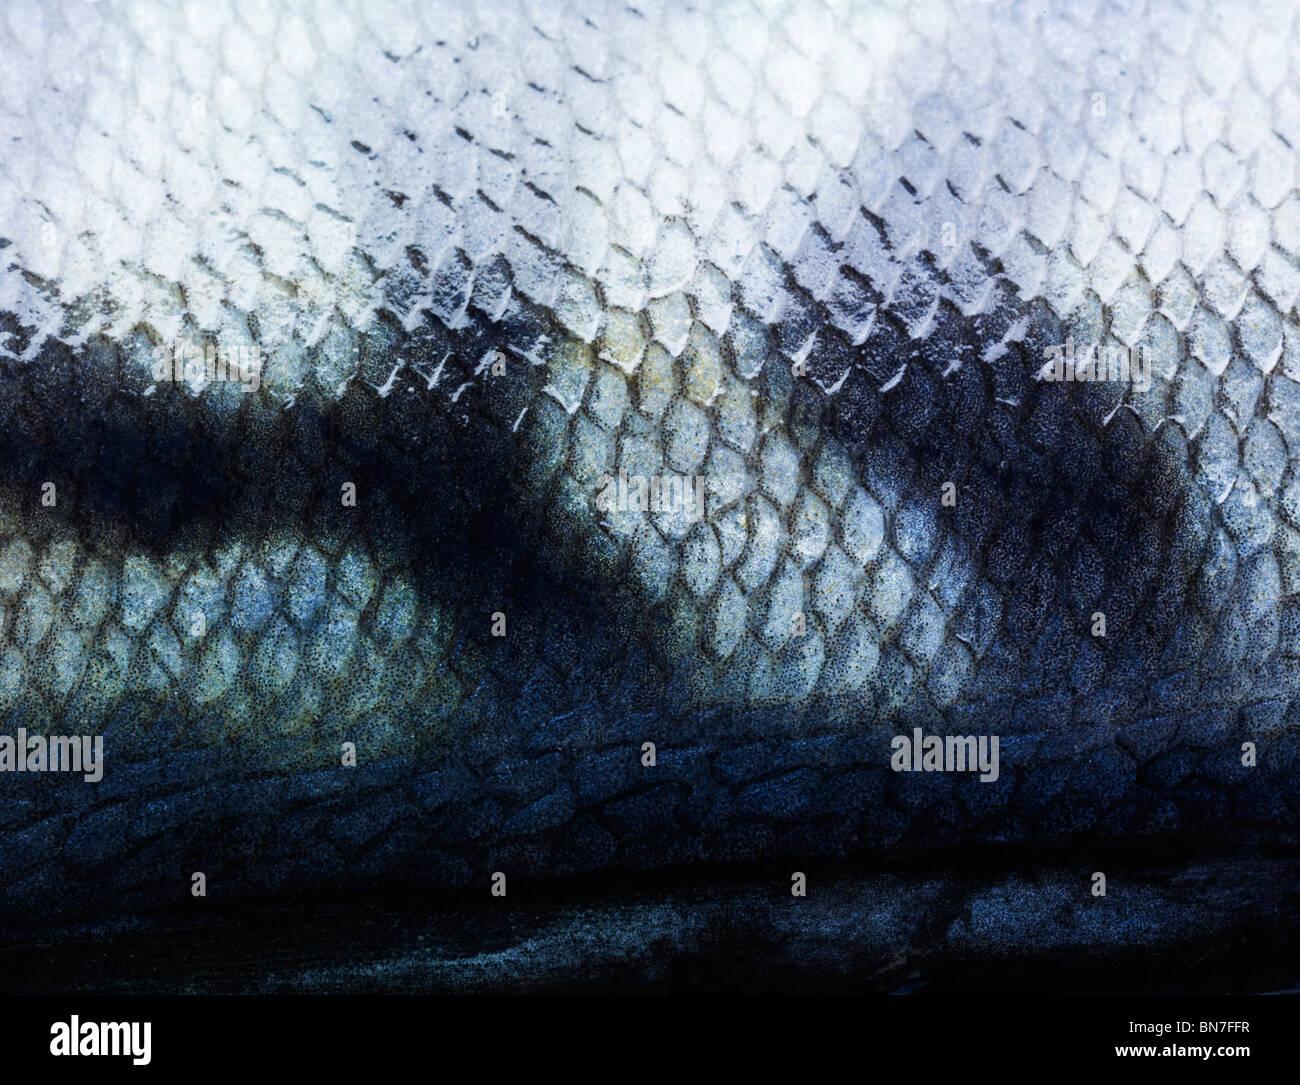 Close-up de maquereaux les écailles de poisson montrant le détail et le motif. Photo Stock